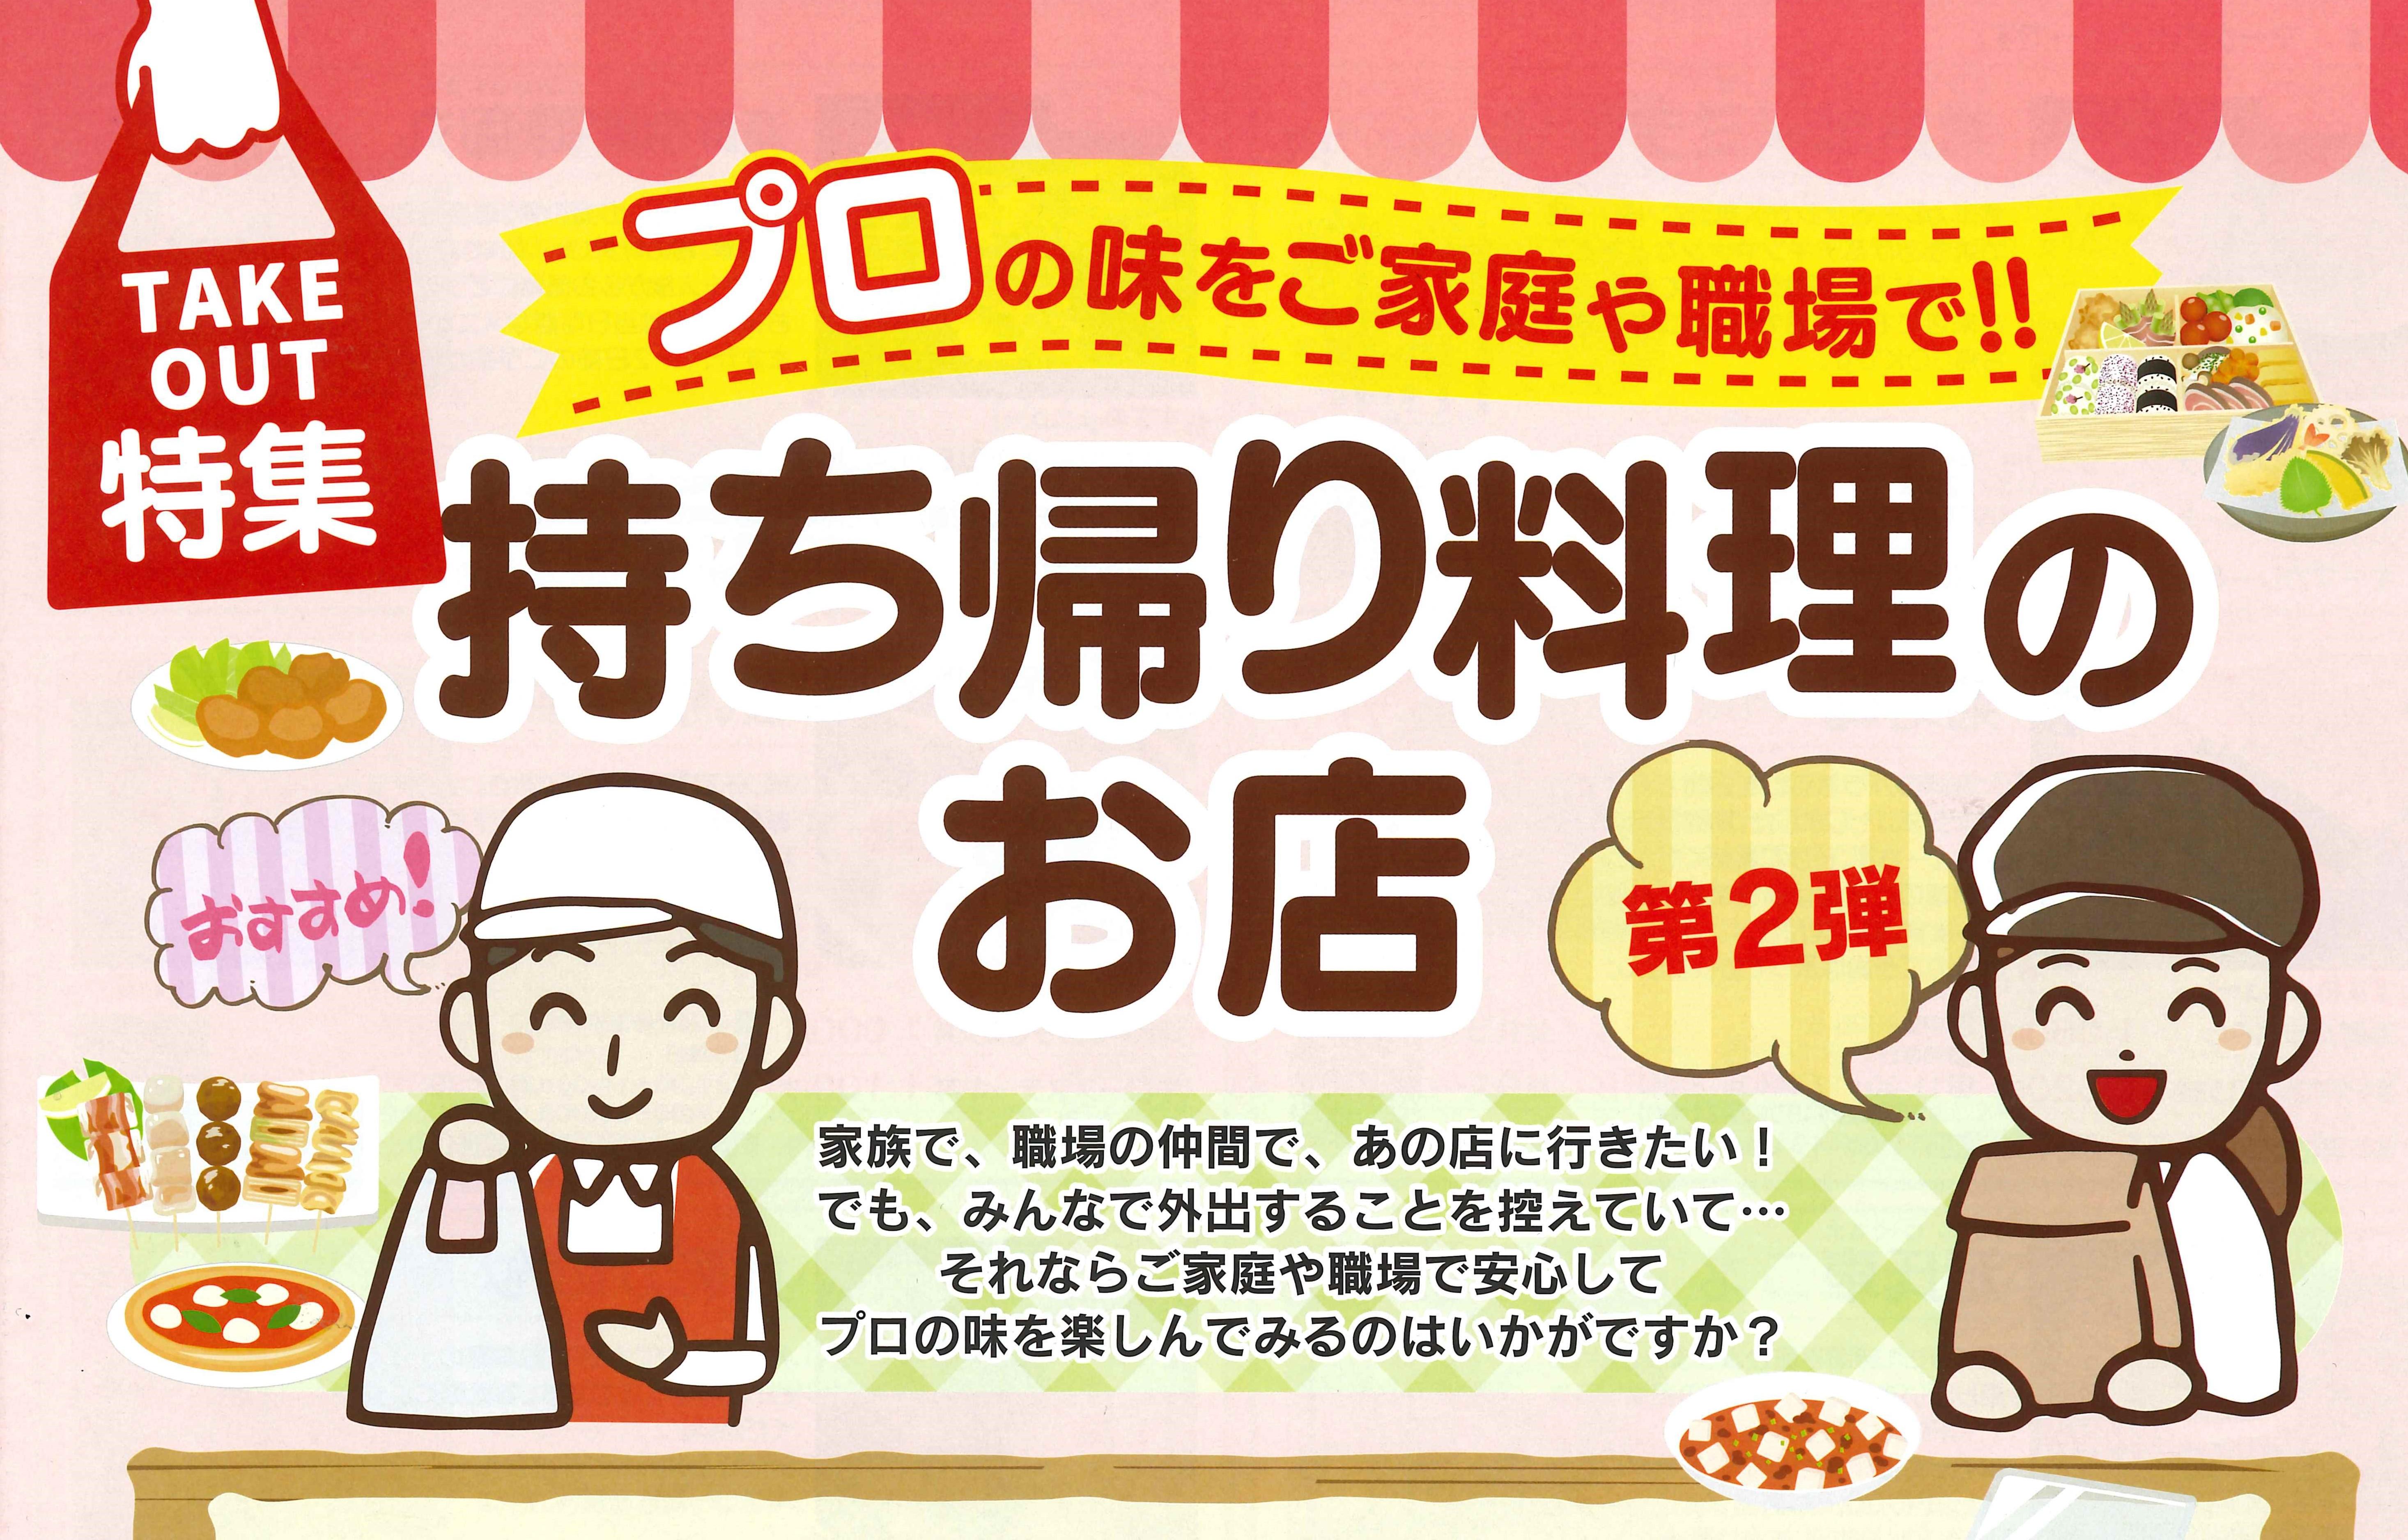 イメージ:プロの味をご家庭や職場で‼  持ち帰り料理のお店 第2弾